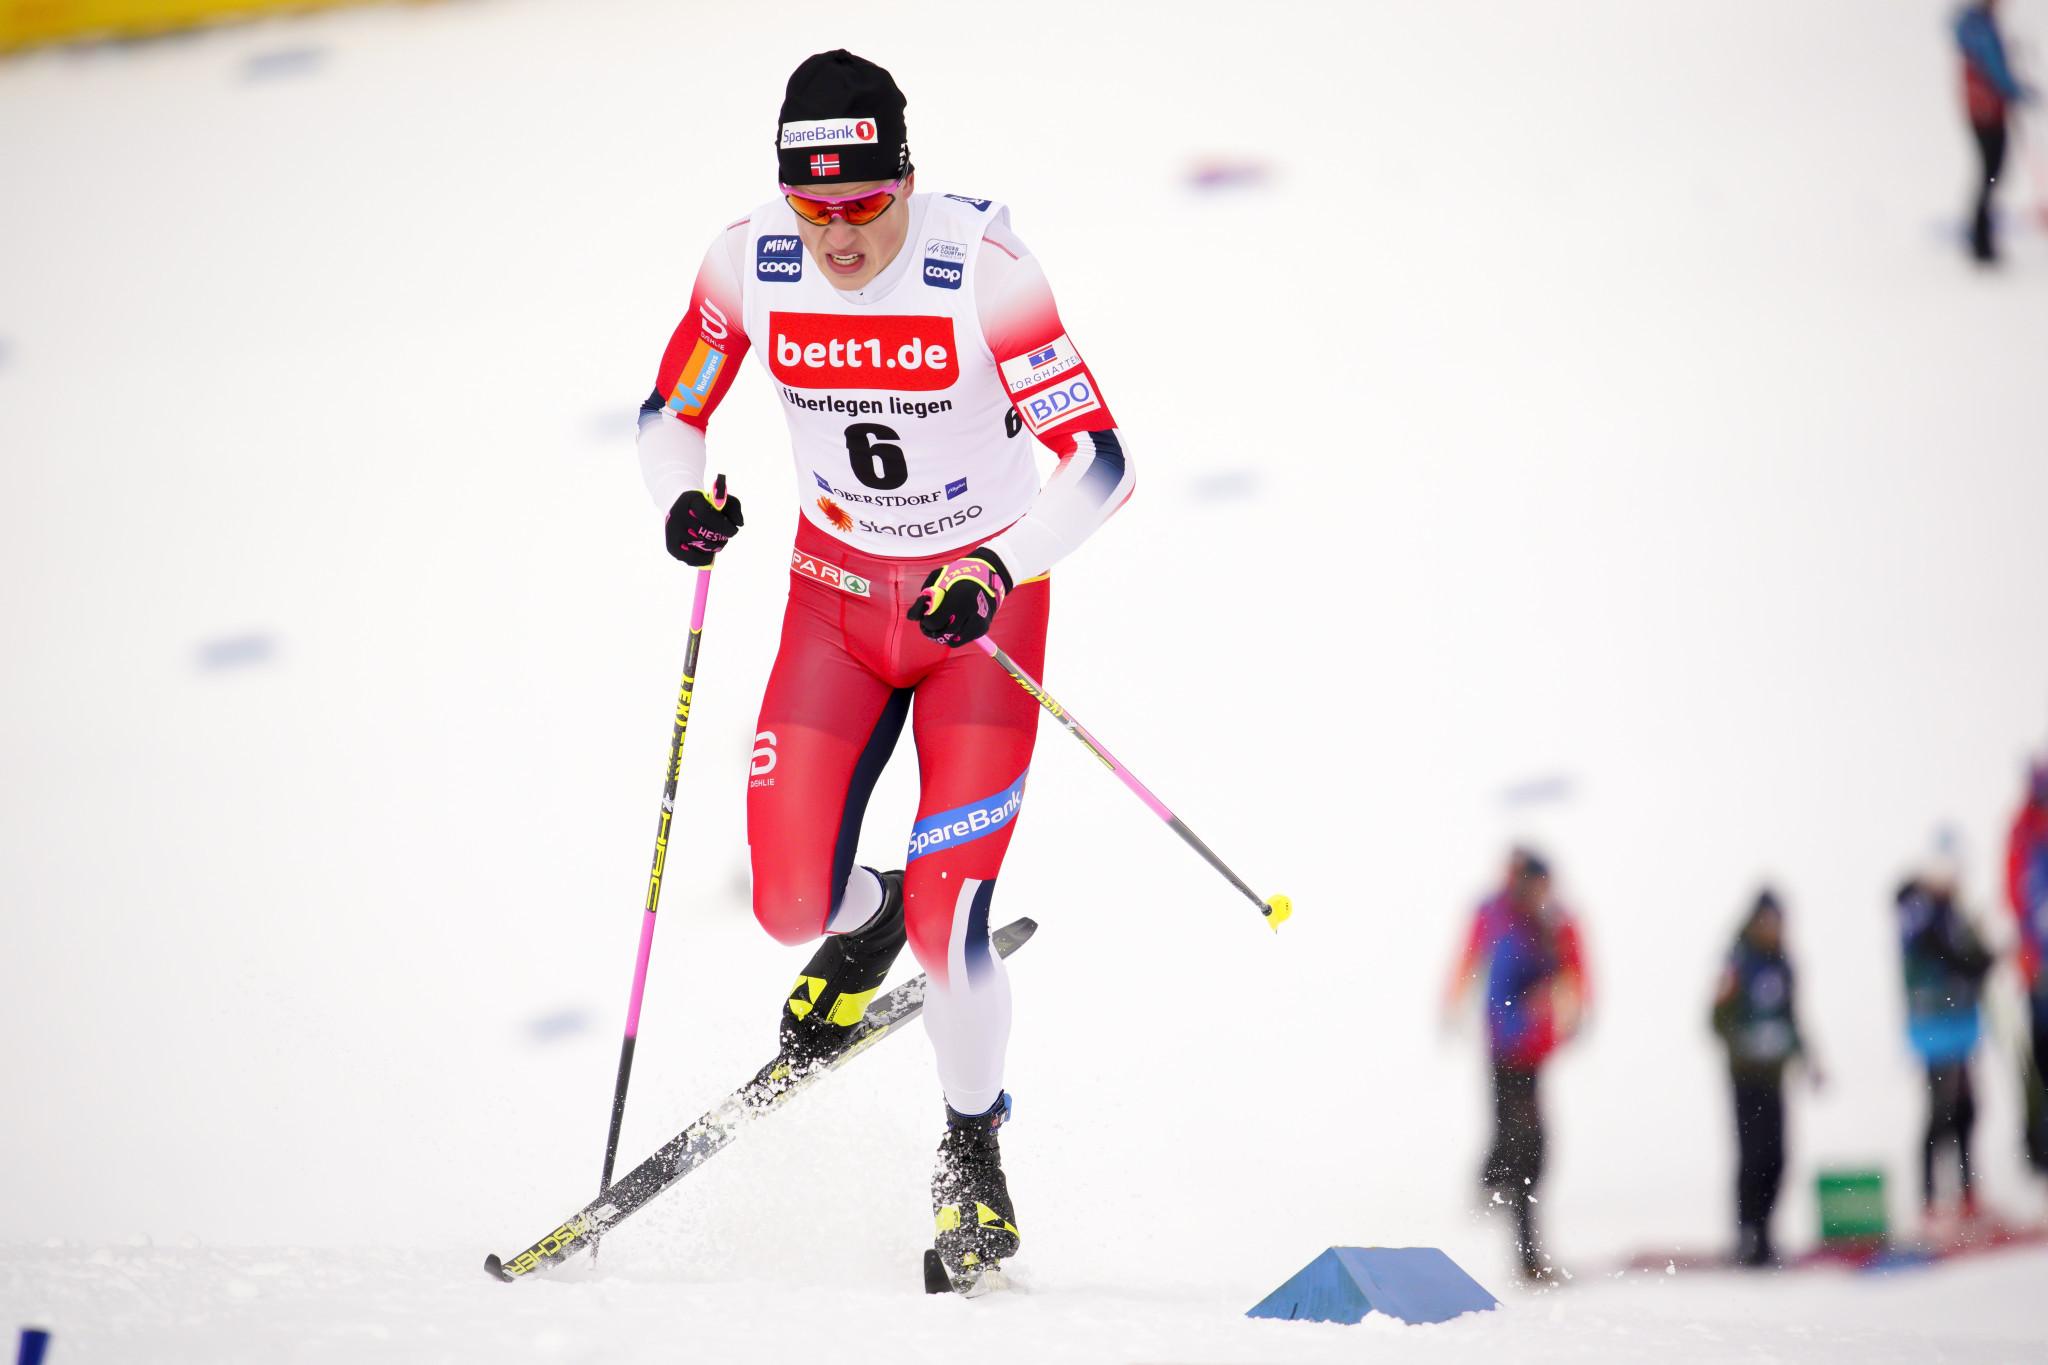 Norway's Johannes Høsflot Klæbo will miss out on next month's Tour de Ski ©Getty Images